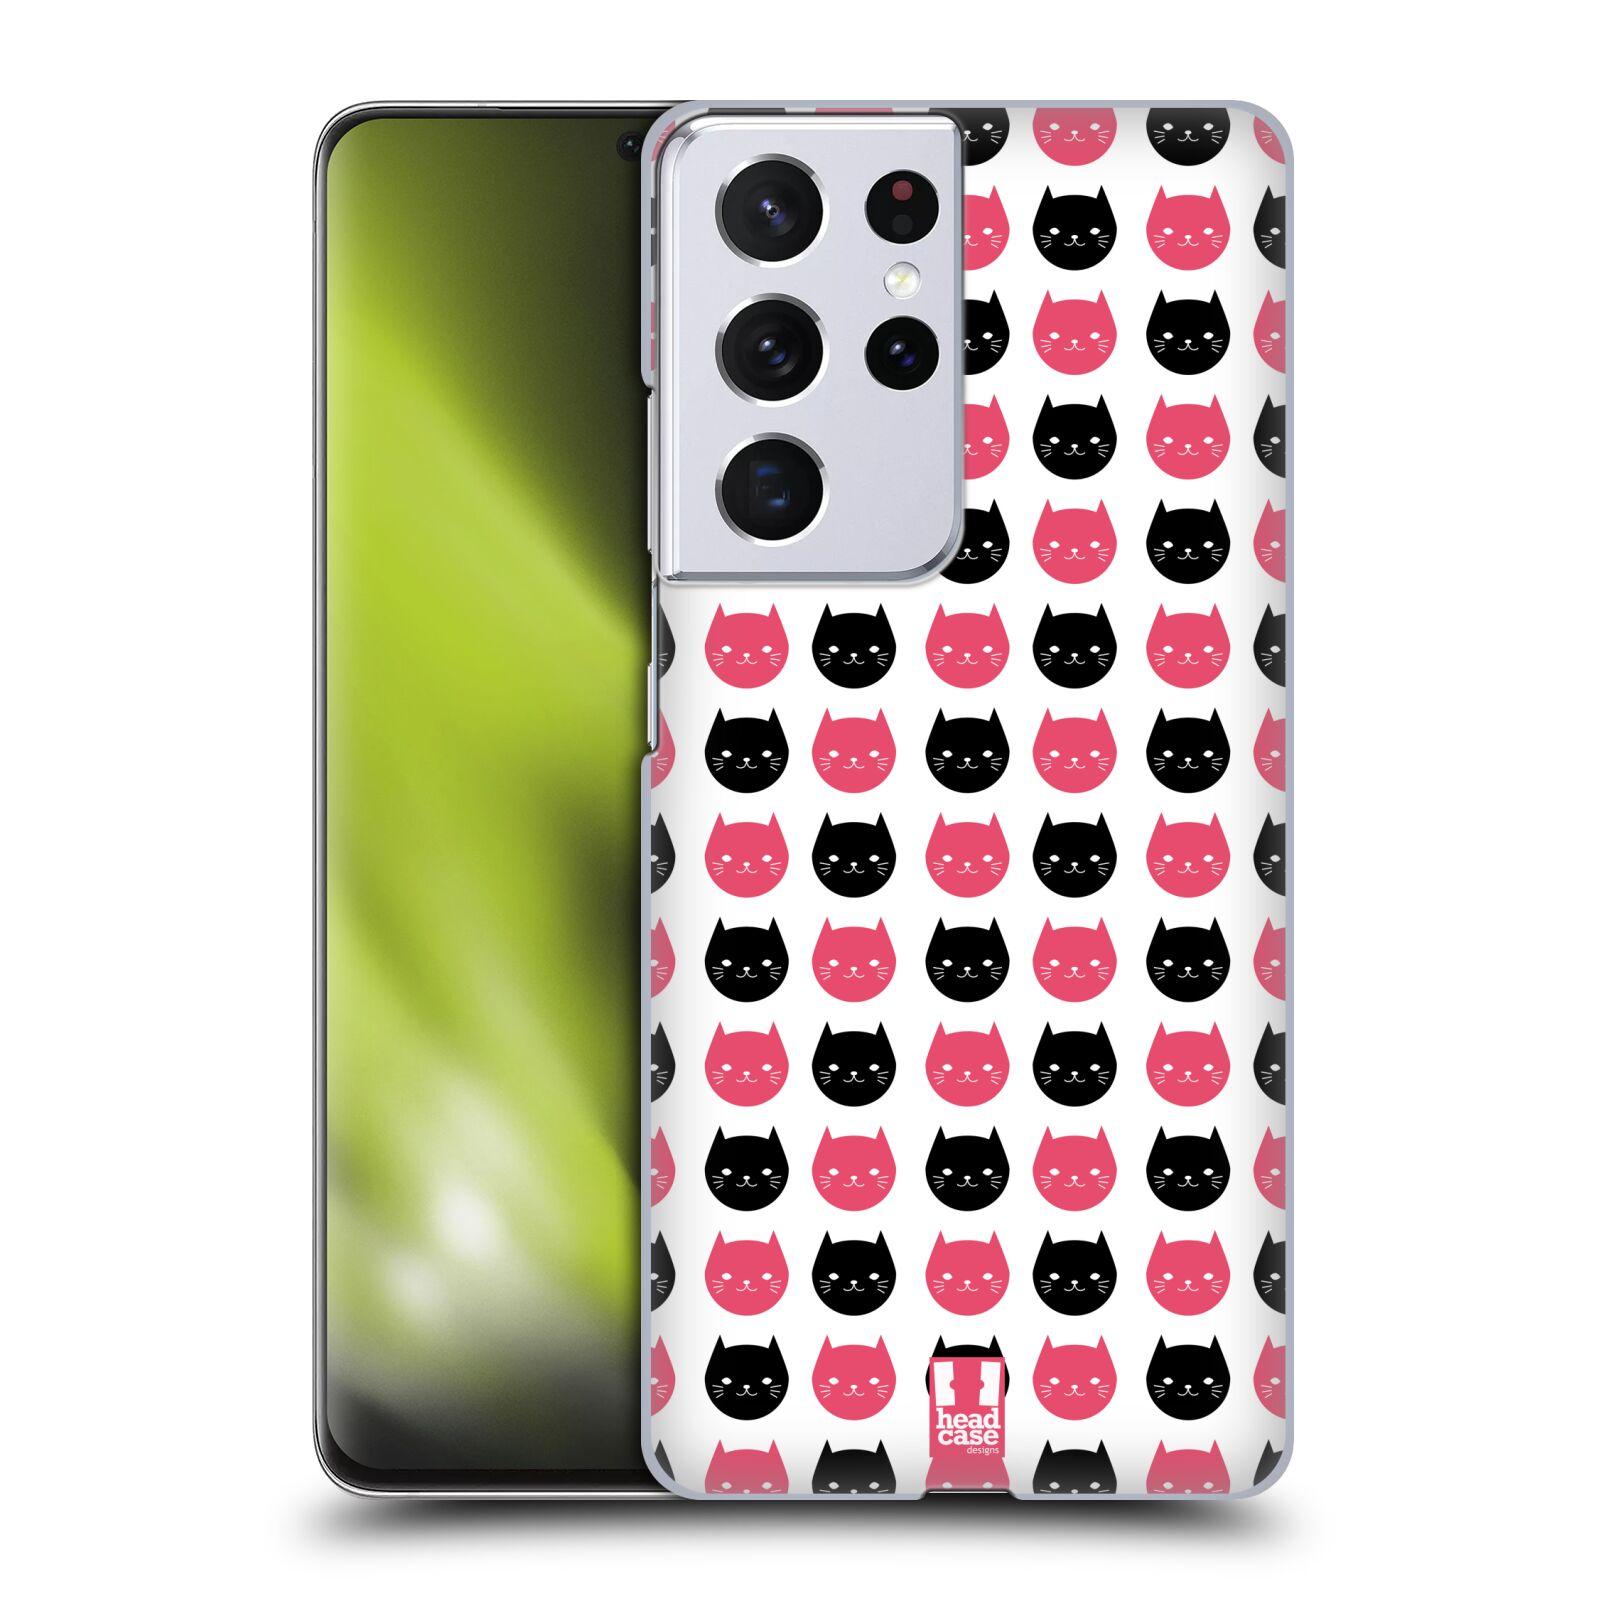 Plastové pouzdro na mobil Samsung Galaxy S21 Ultra 5G - Head Case - KOČKY Black and Pink